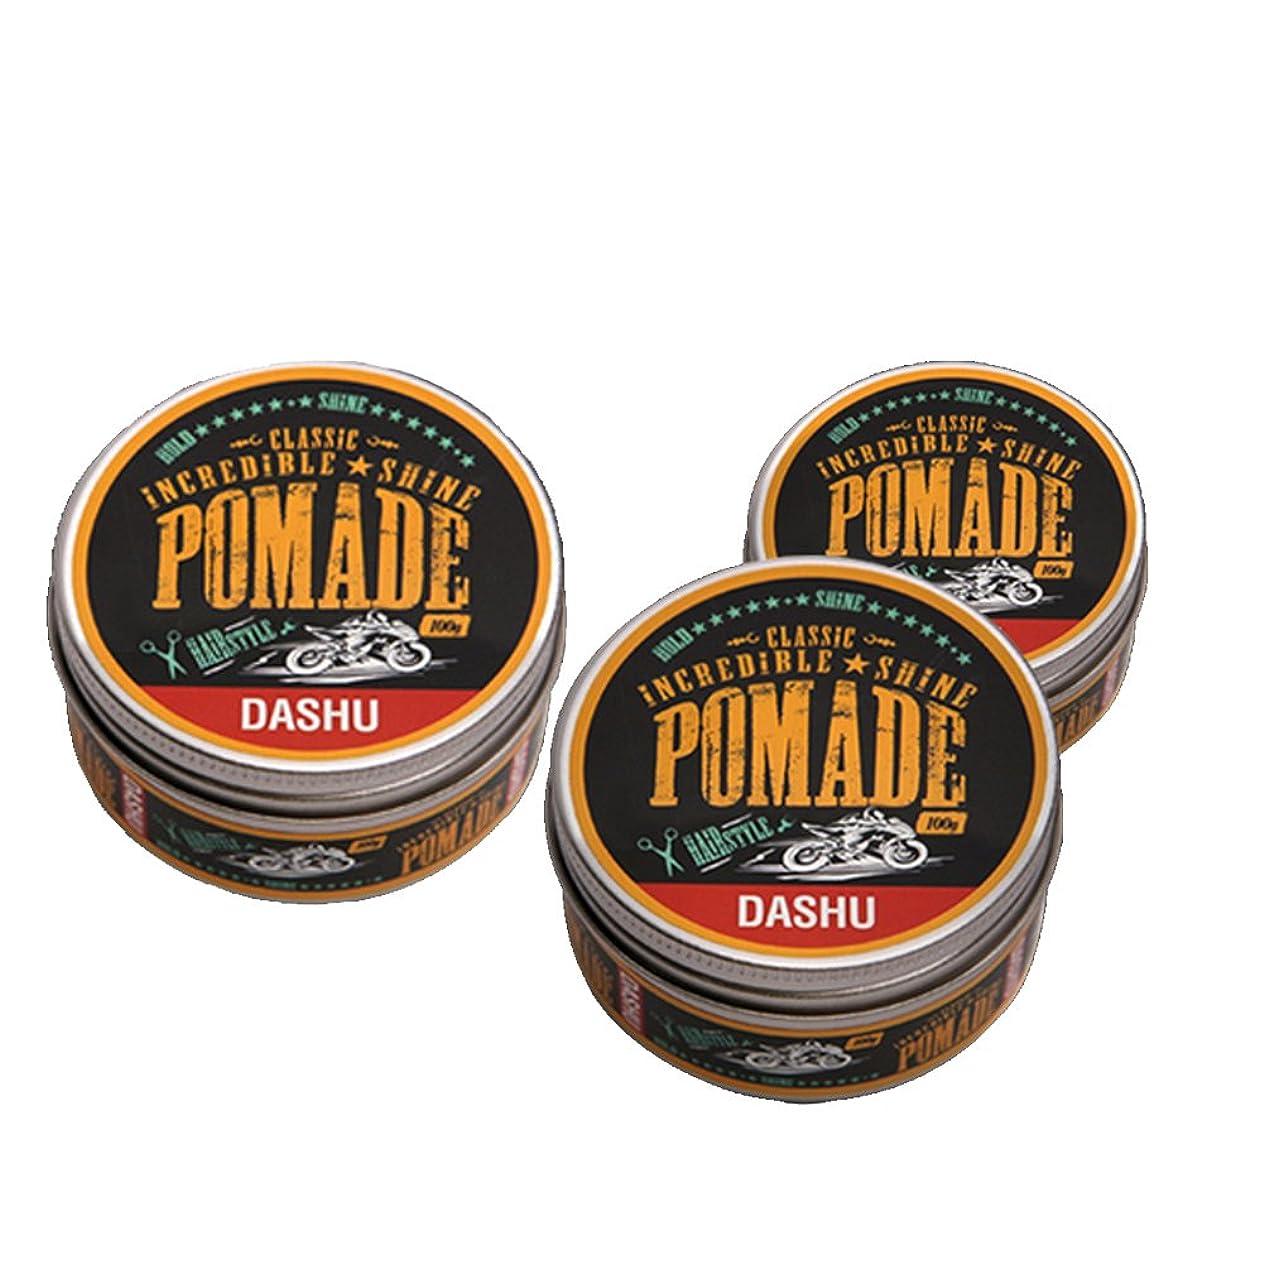 ゴルフ危険にさらされている橋(3個セット) x [DASHU] ダシュ クラシック 信じられないほどの輝き ポマードワックス Classic Incredible Shine Pomade Hair Wax 100ml / 韓国製 . 韓国直送品